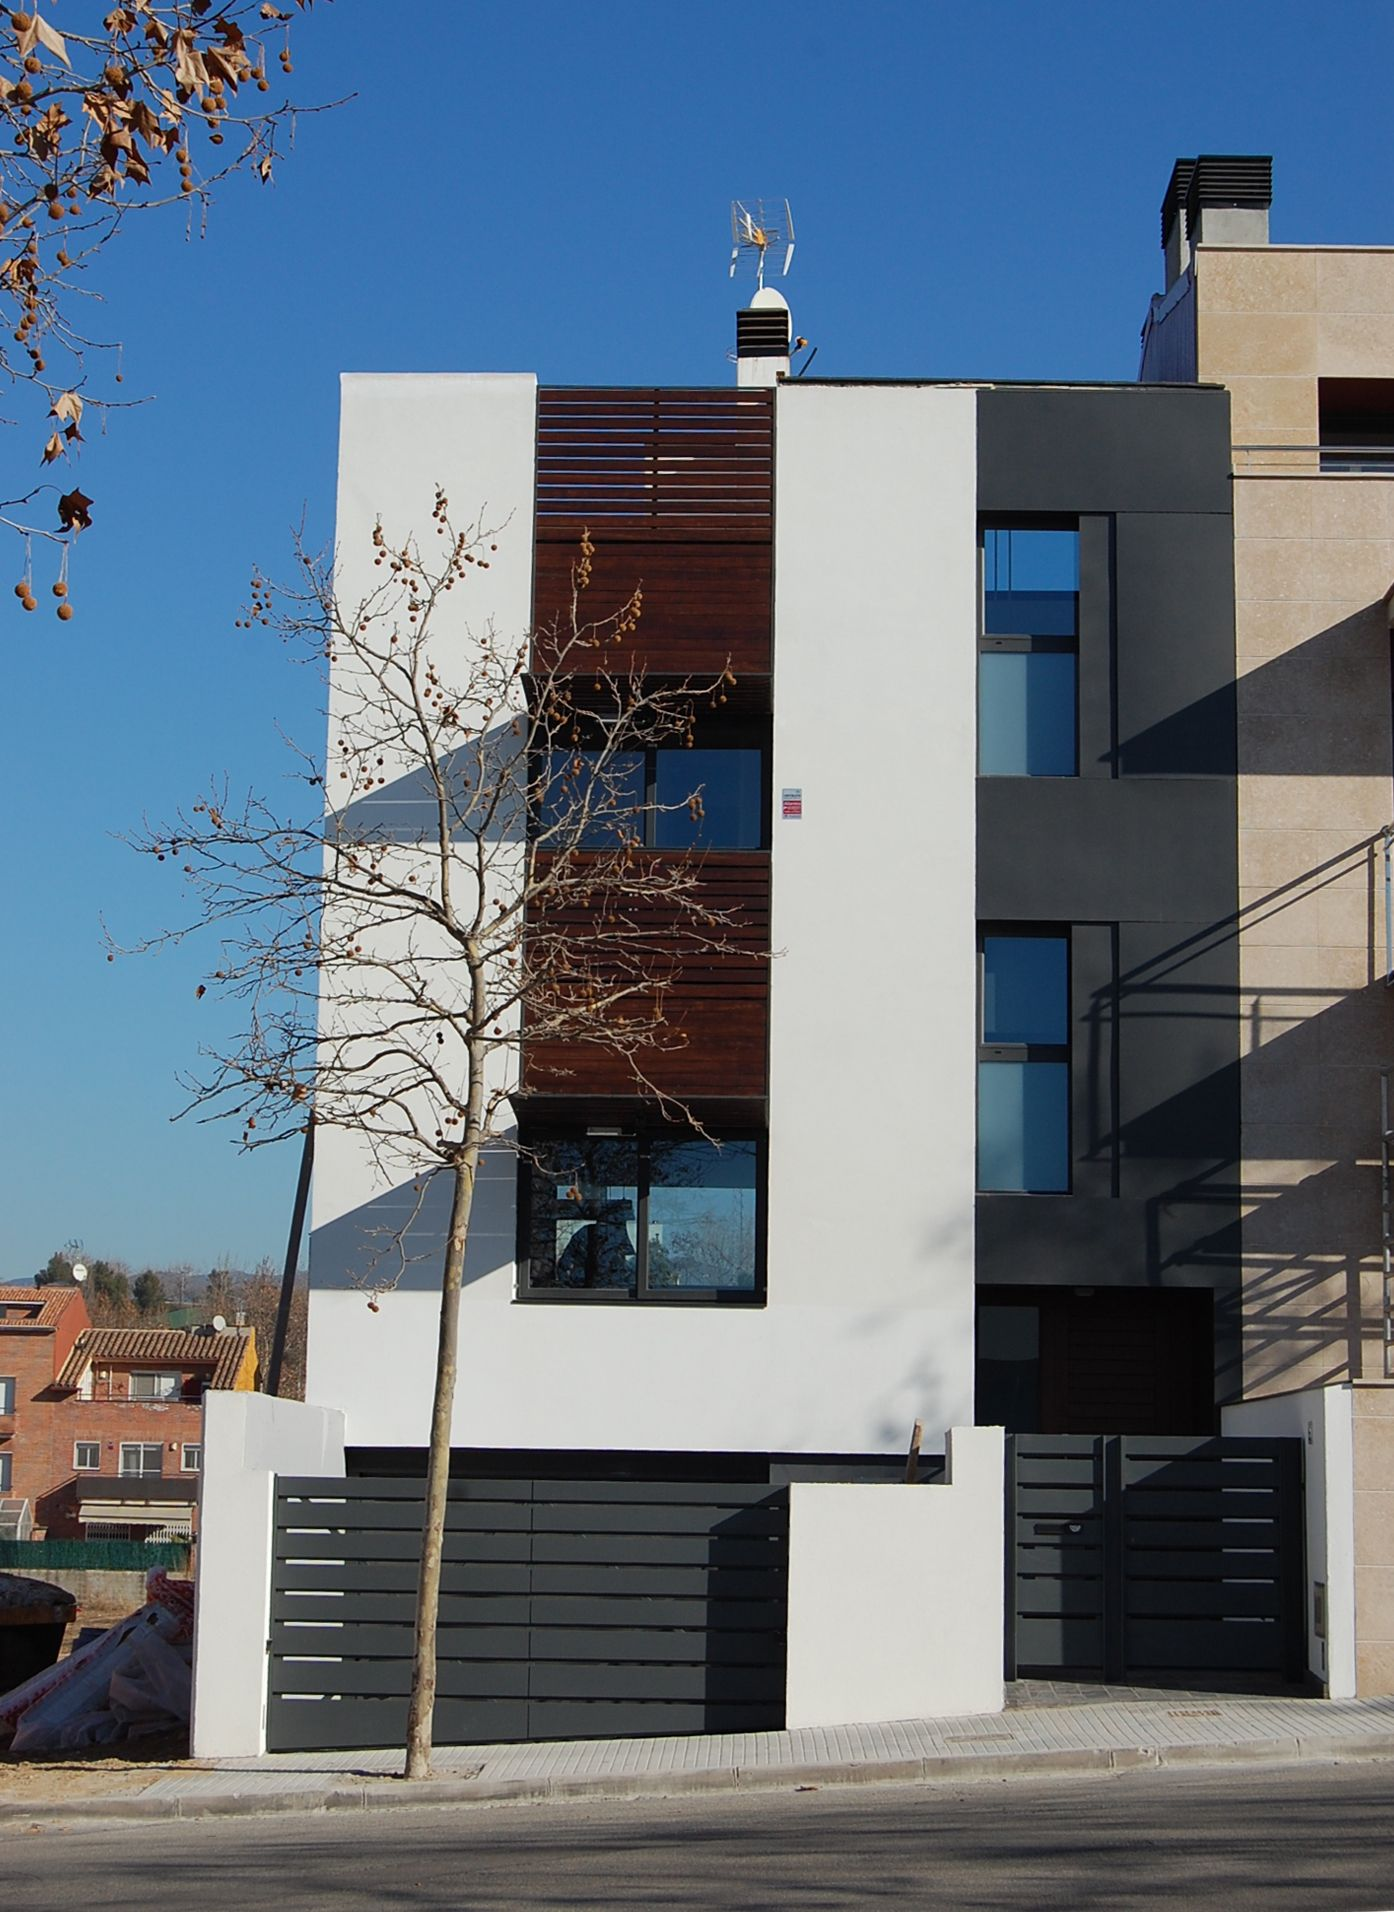 Edificios moderno exterior fachada vidrio arboles for Exterior edificios